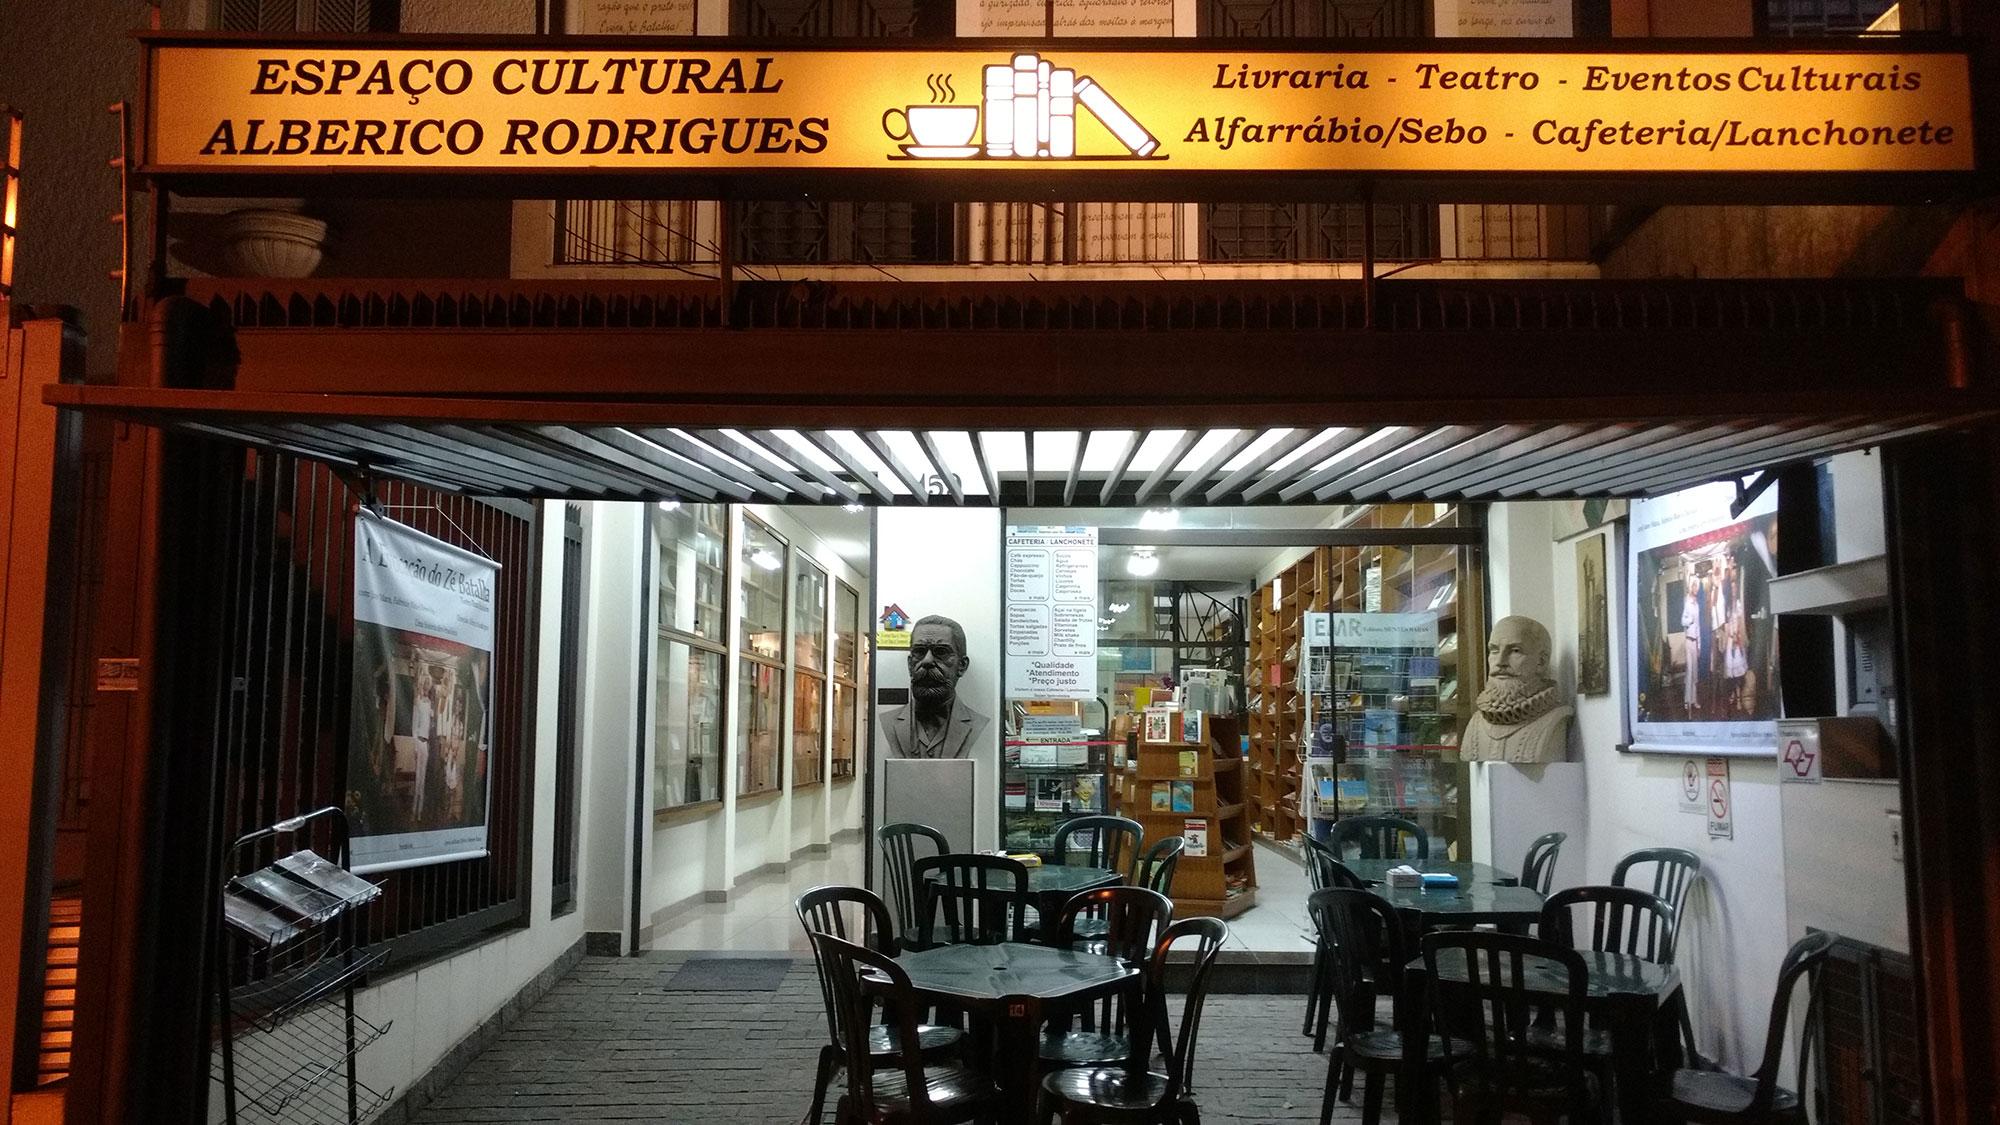 Espaço Cultural Alberico Rodrigues